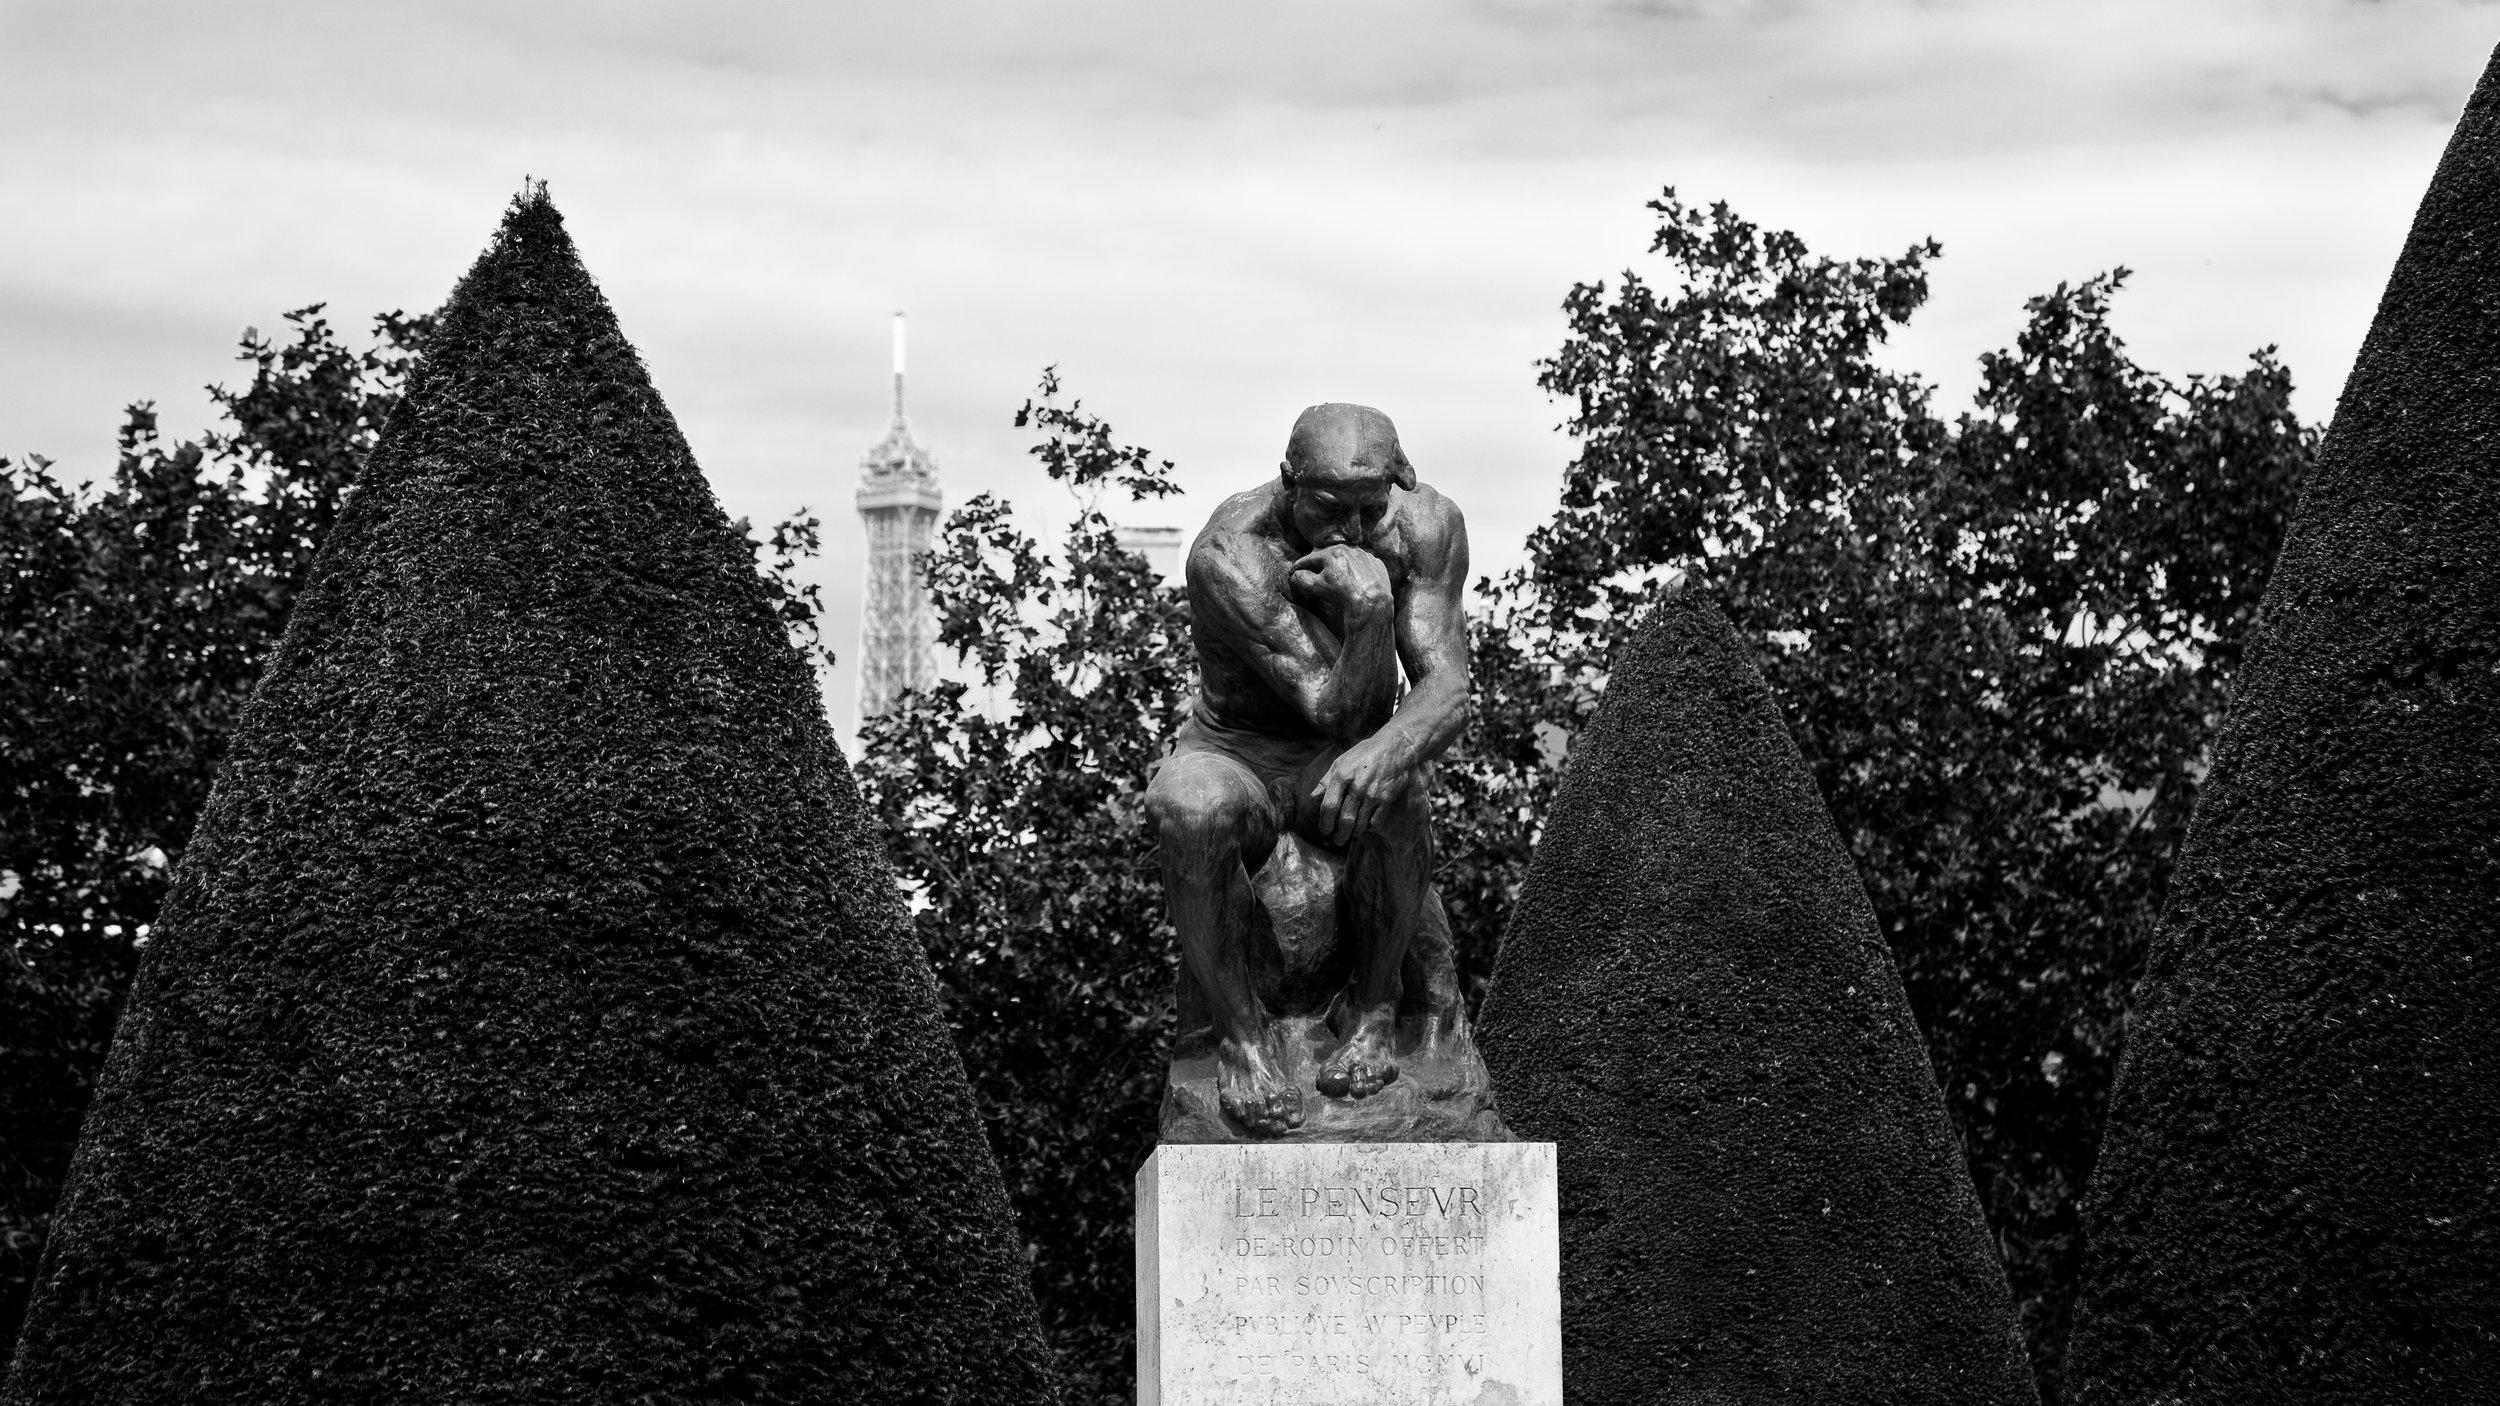 Le Penseur, Paris